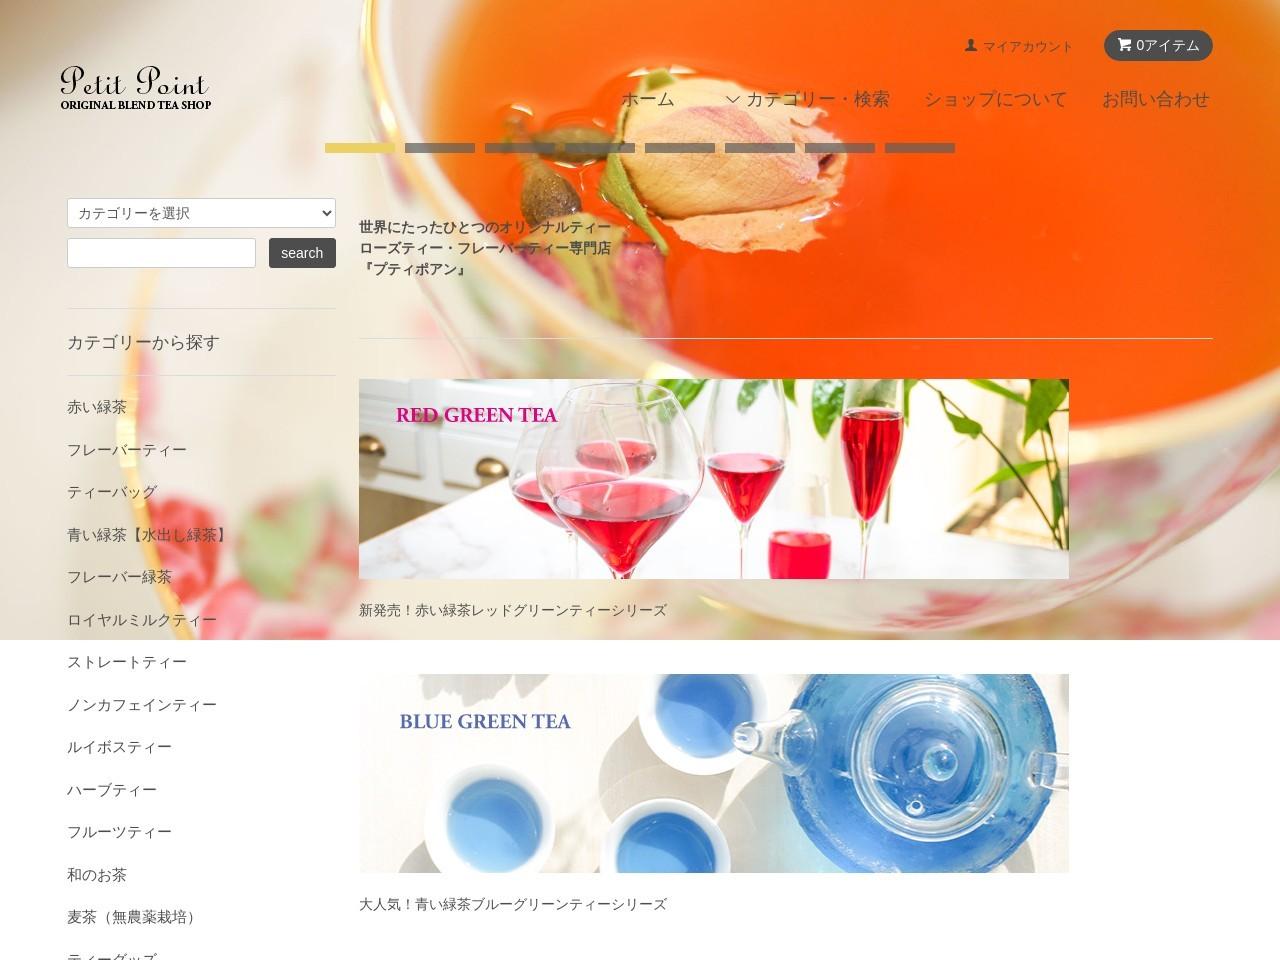 バラの紅茶&フレーバーティー専門店「プティポアン」